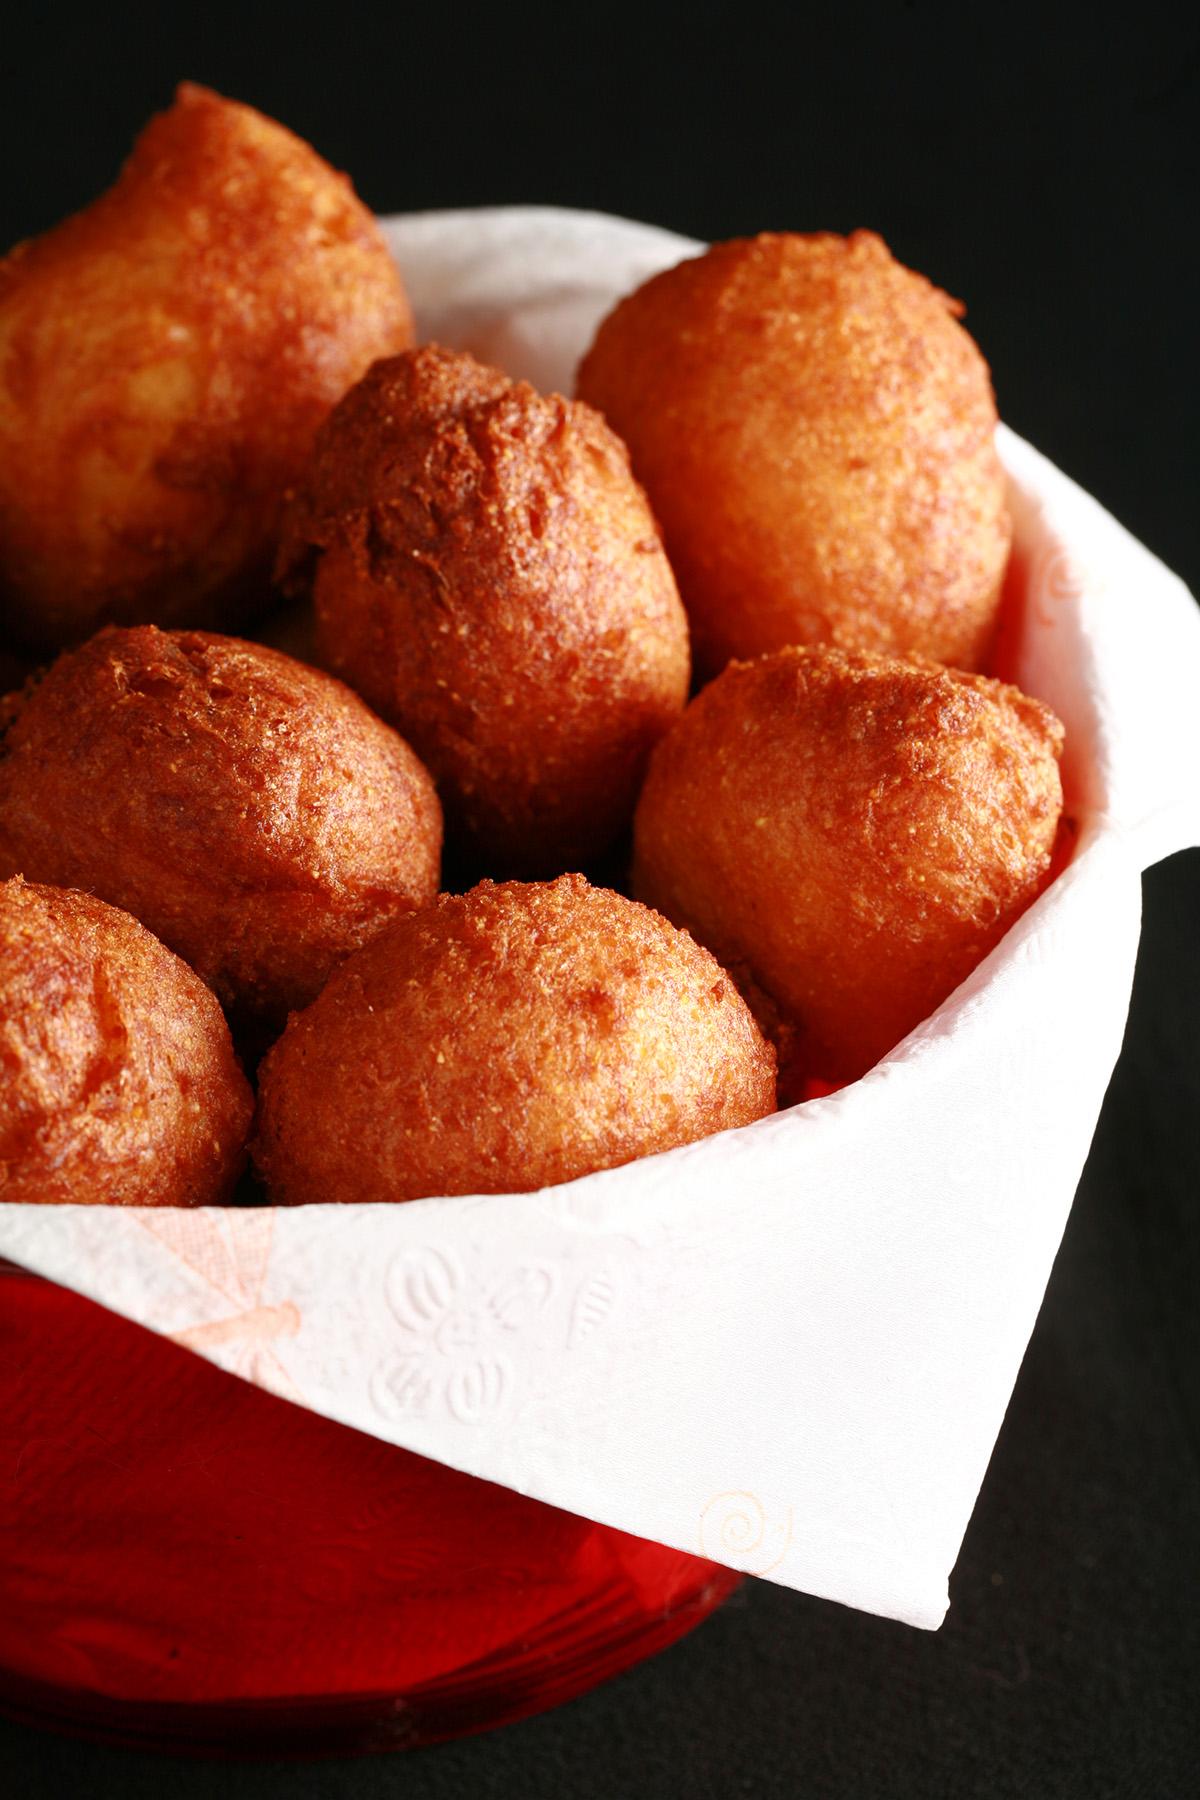 A bowl of gluten-free hushpuppies - little balls of deep fried cornmeal dough.